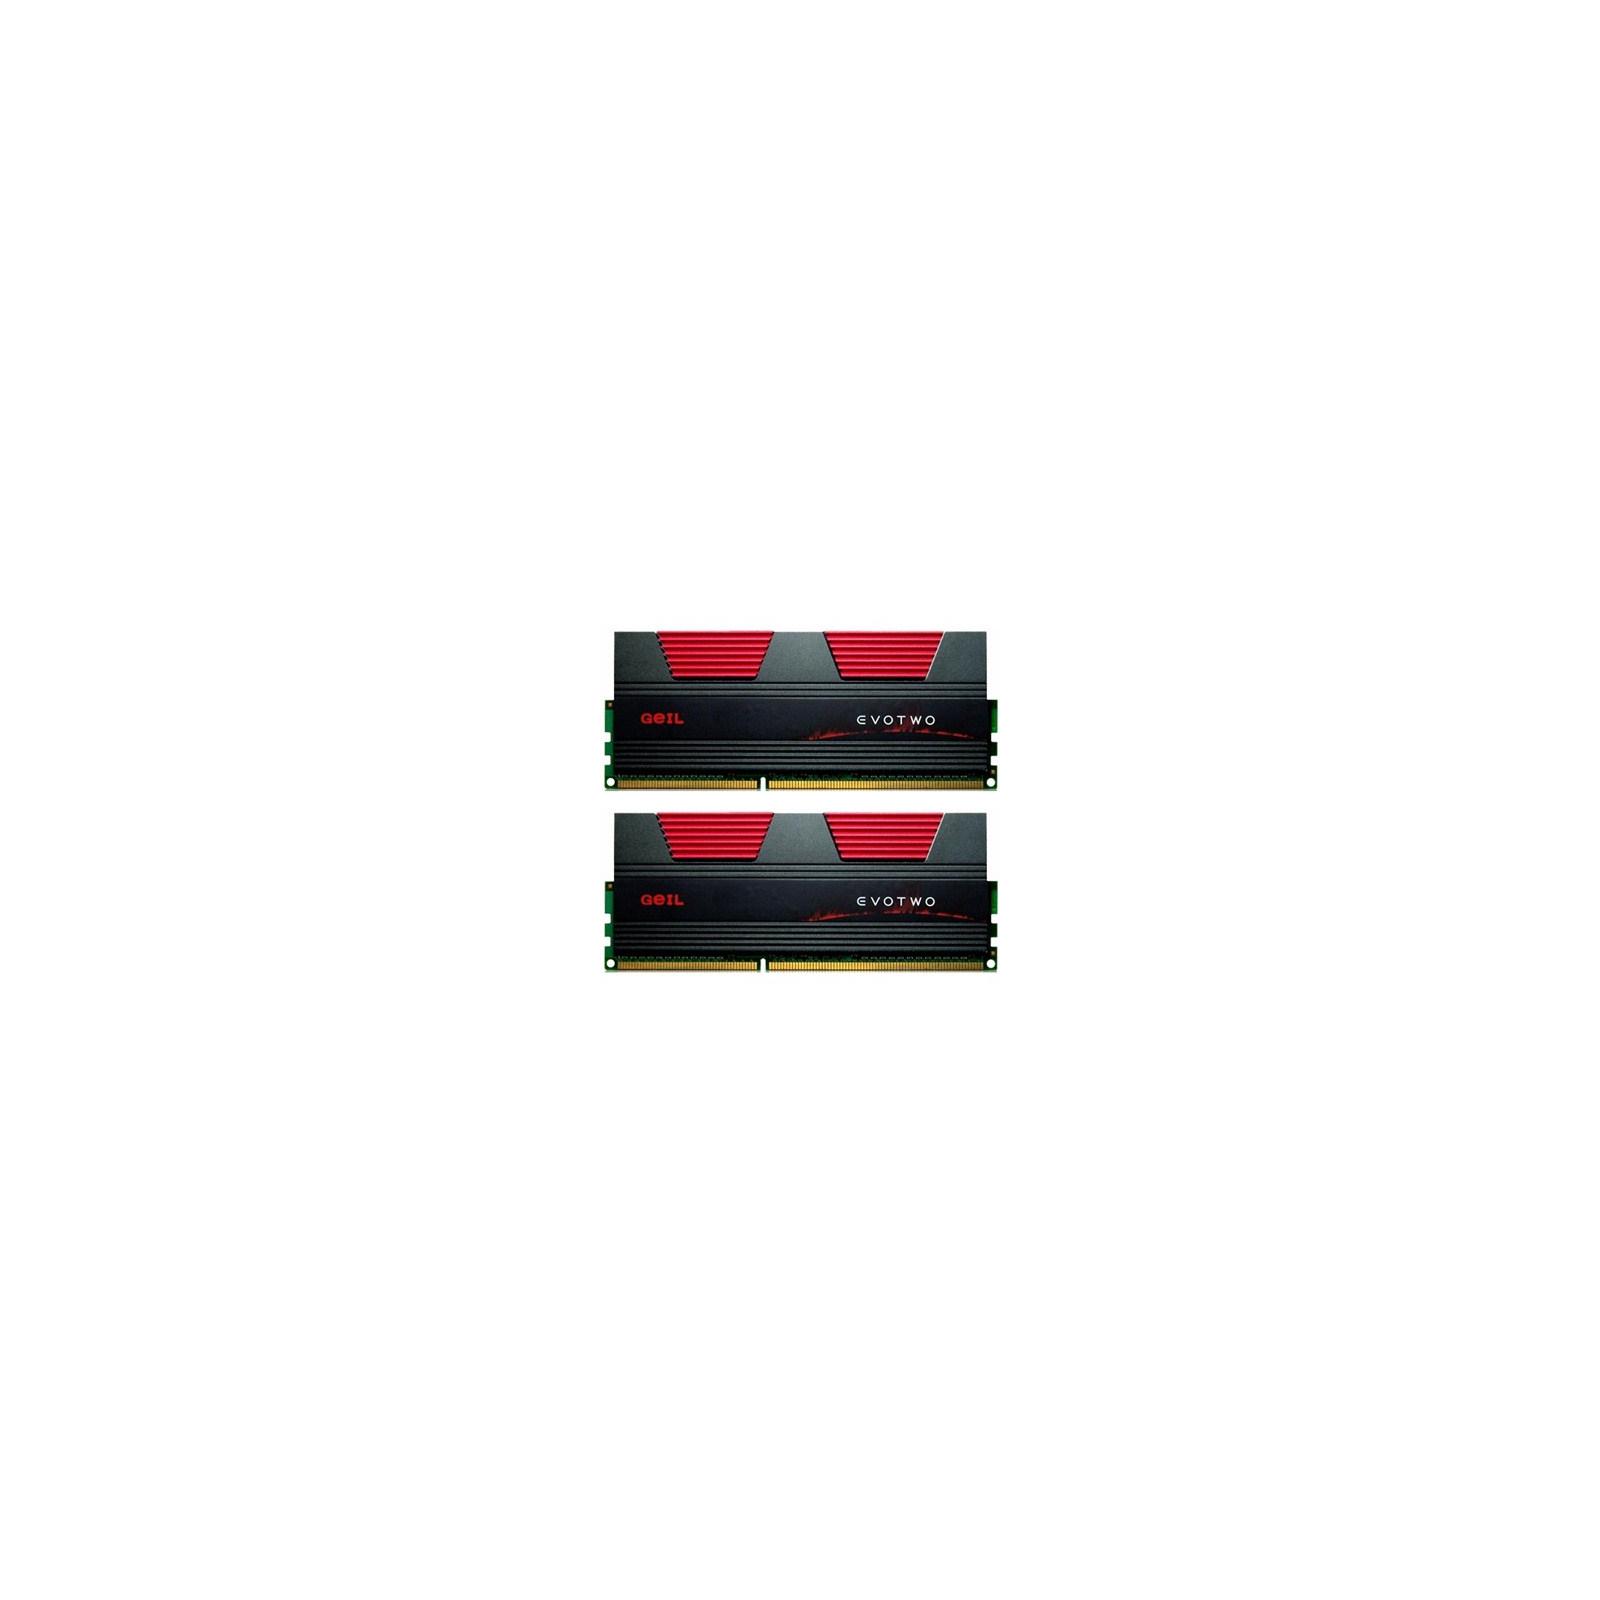 Модуль памяти для компьютера DDR3 8GB (2x4GB) 2400 MHz GEIL (GET38GB2400C10DC)